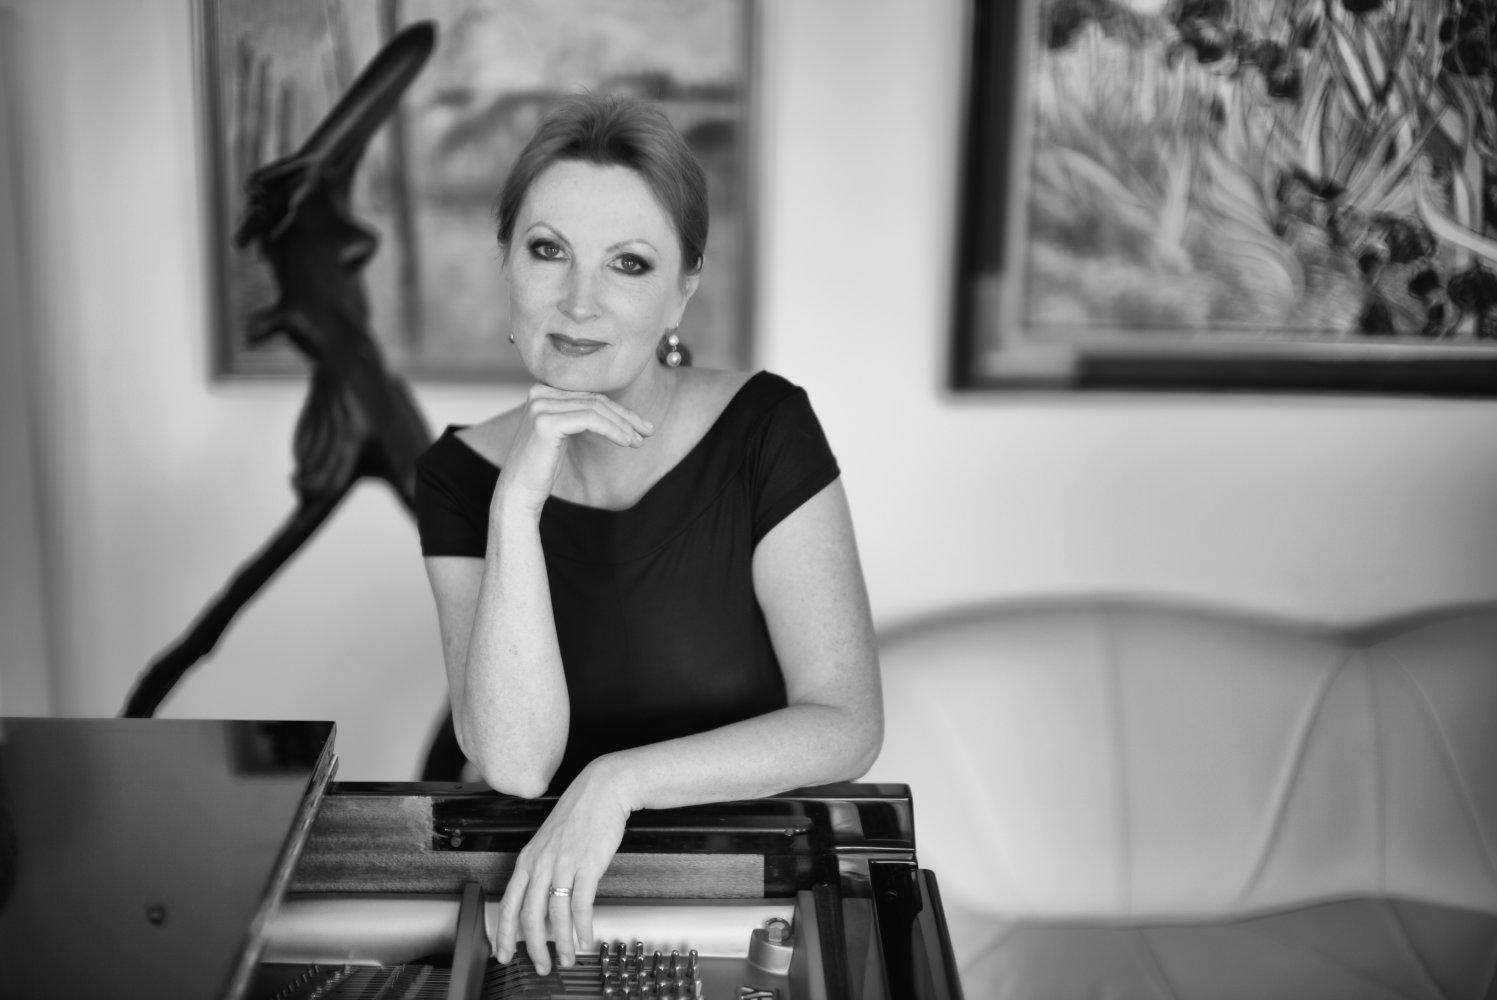 Mūza Rubackytė - Fotó: Pla y Christine De Lanoe